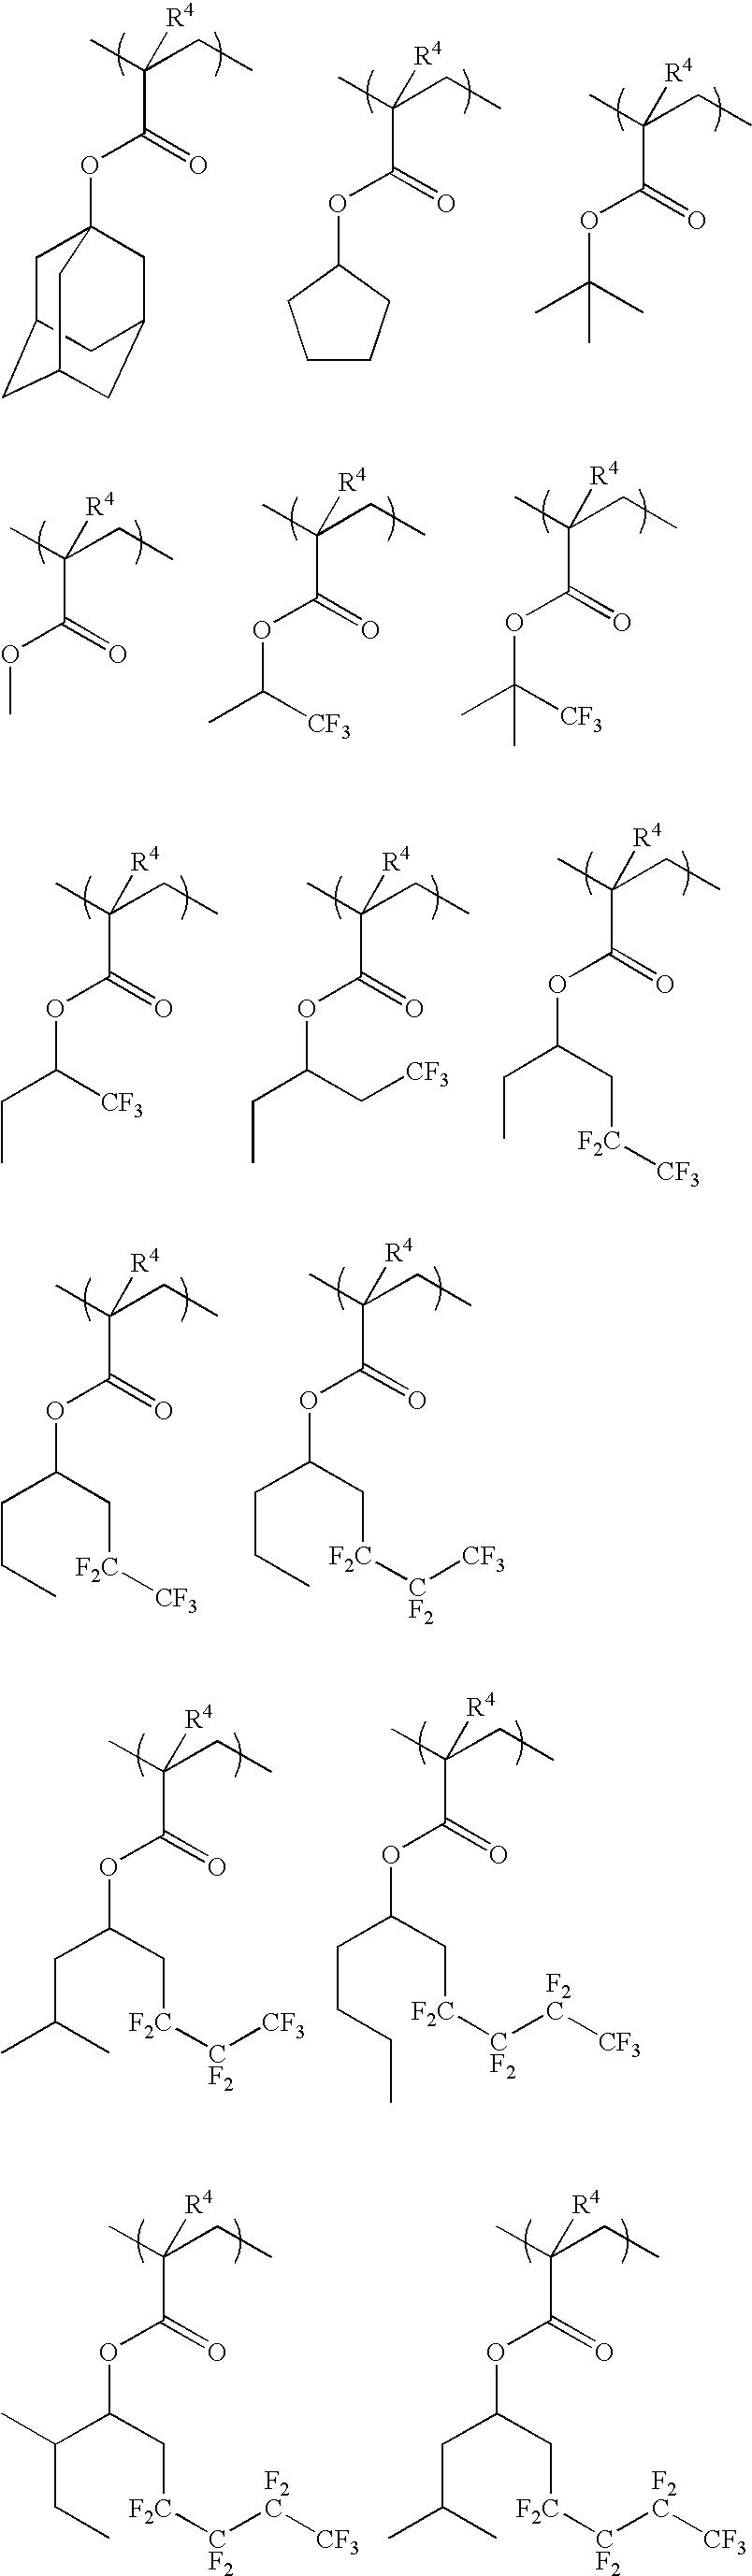 Figure US07771913-20100810-C00015